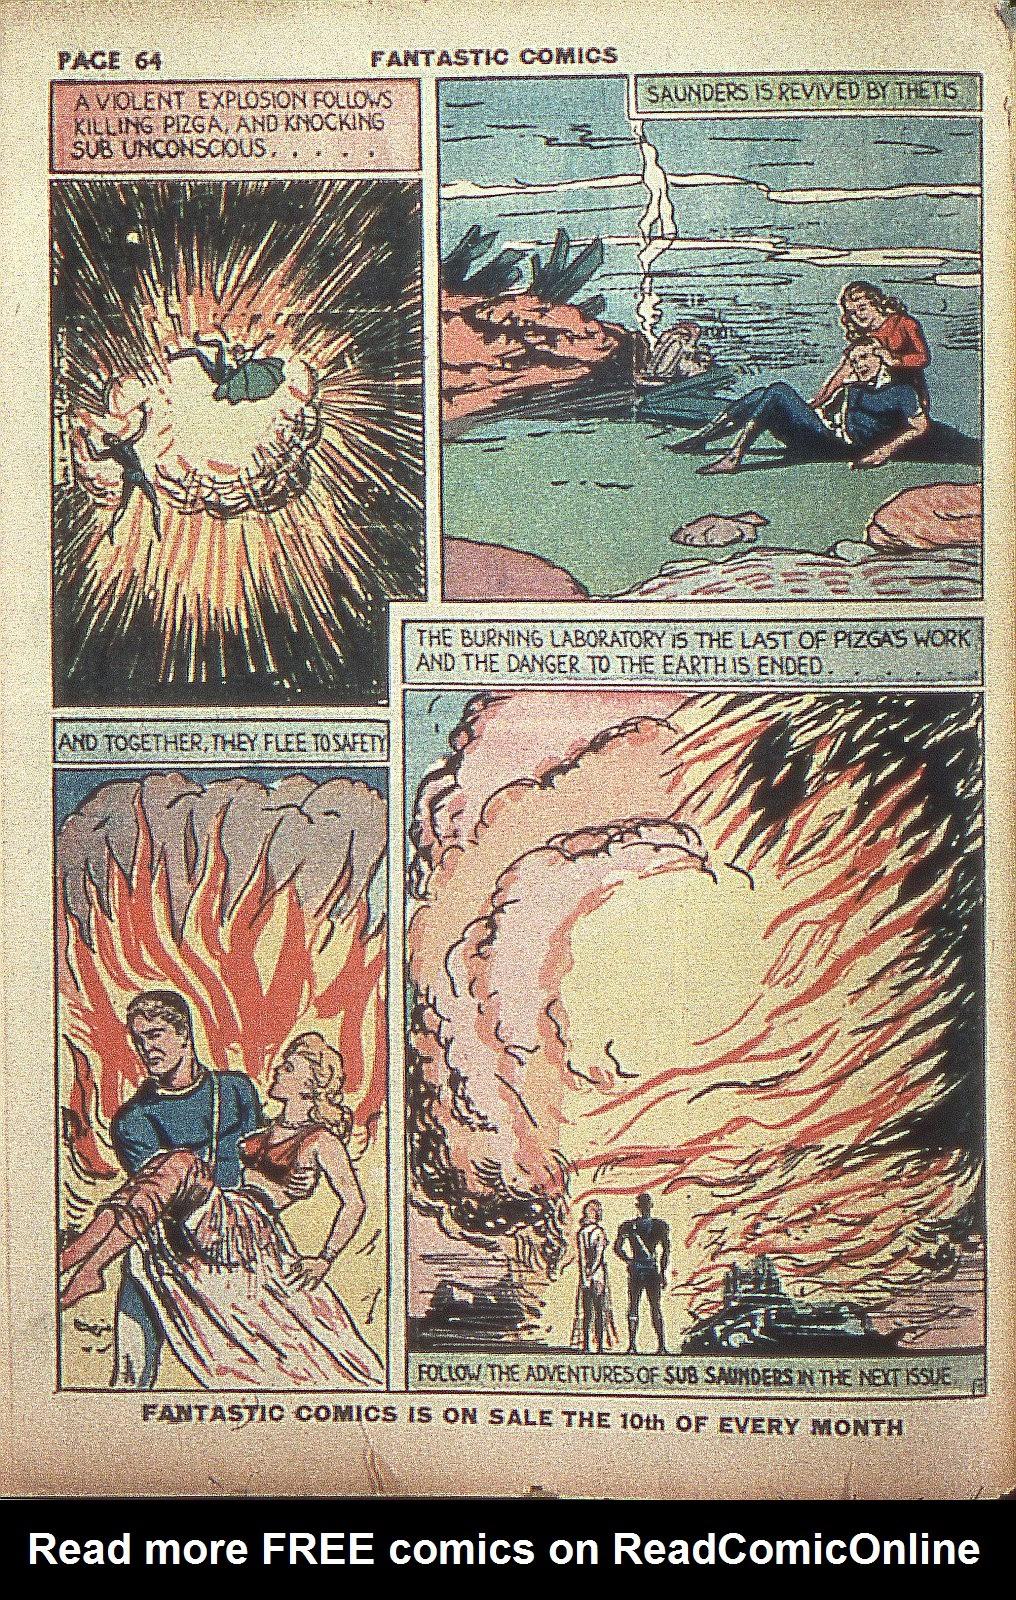 Read online Fantastic Comics comic -  Issue #4 - 65